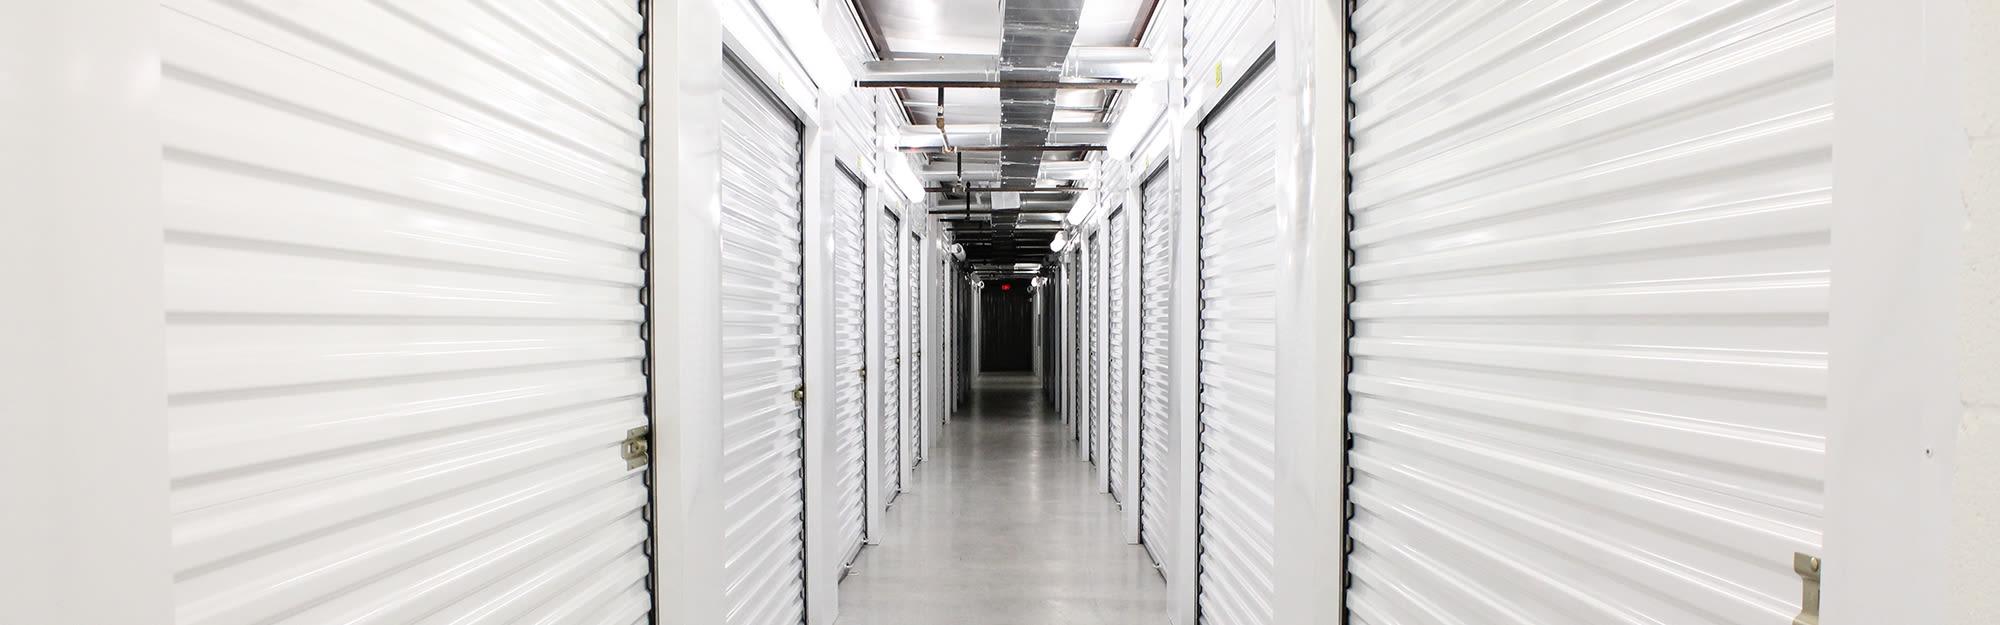 StayLock Storage in St. Louis, Missouri